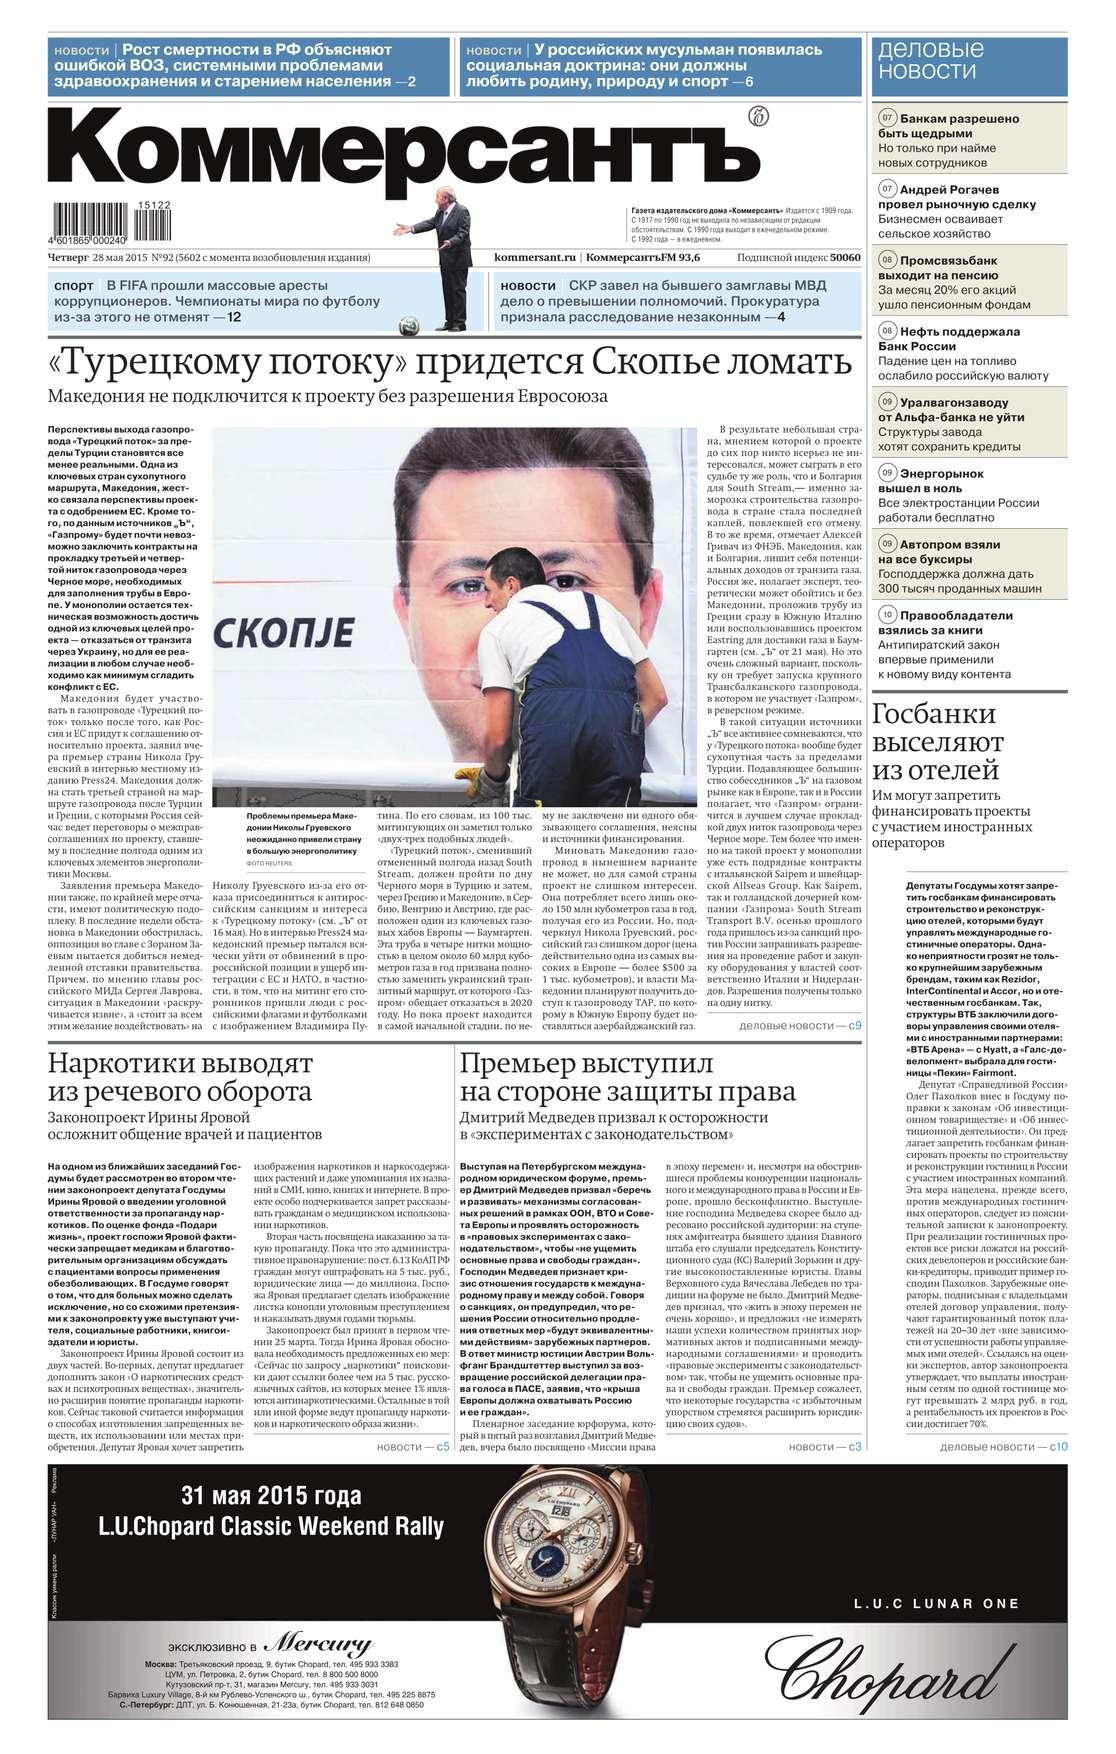 Фото - Редакция газеты Коммерсантъ (понедельник-пятница) Коммерсантъ (понедельник-пятница) 92-2015 стикеры для стен chinastyler 60 92 diy month1